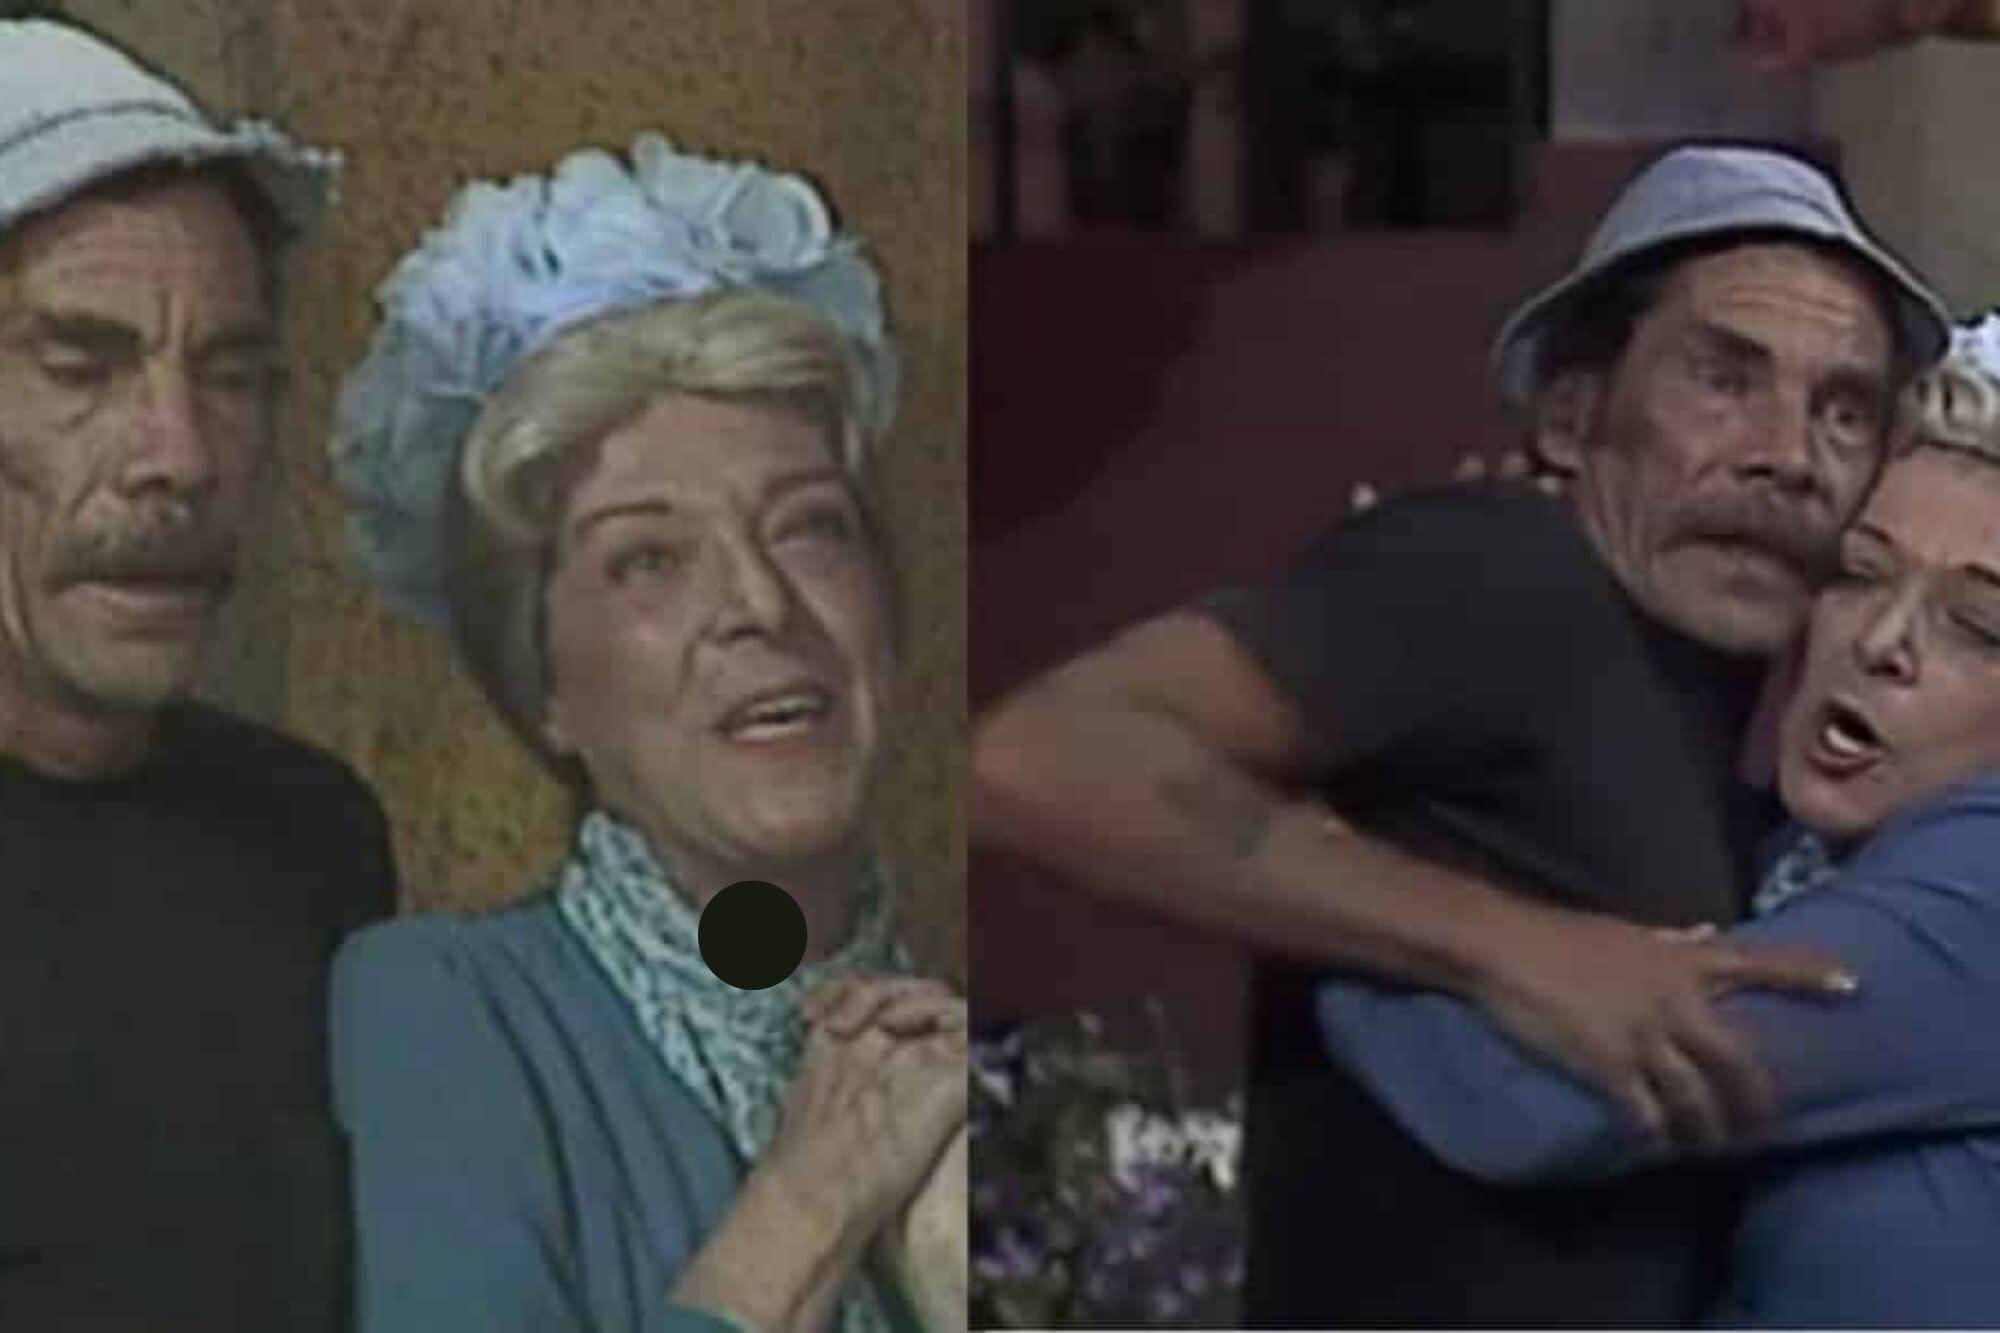 Nomás eso faltaba: acusan en redes a La Bruja del 71 de 'acosar' a Don Ramón